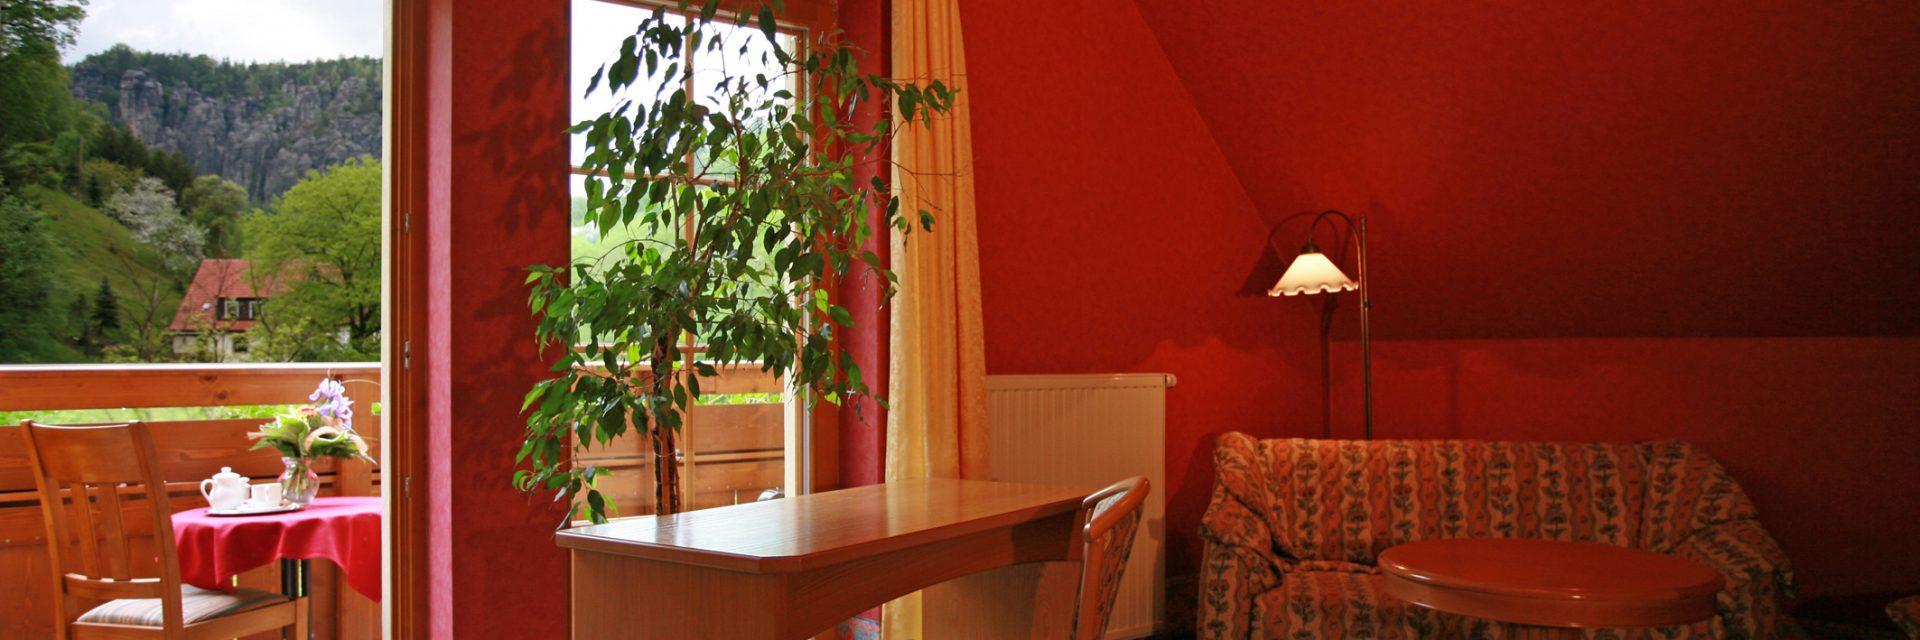 Zimmer im Hotel Amselgrundschlößchen